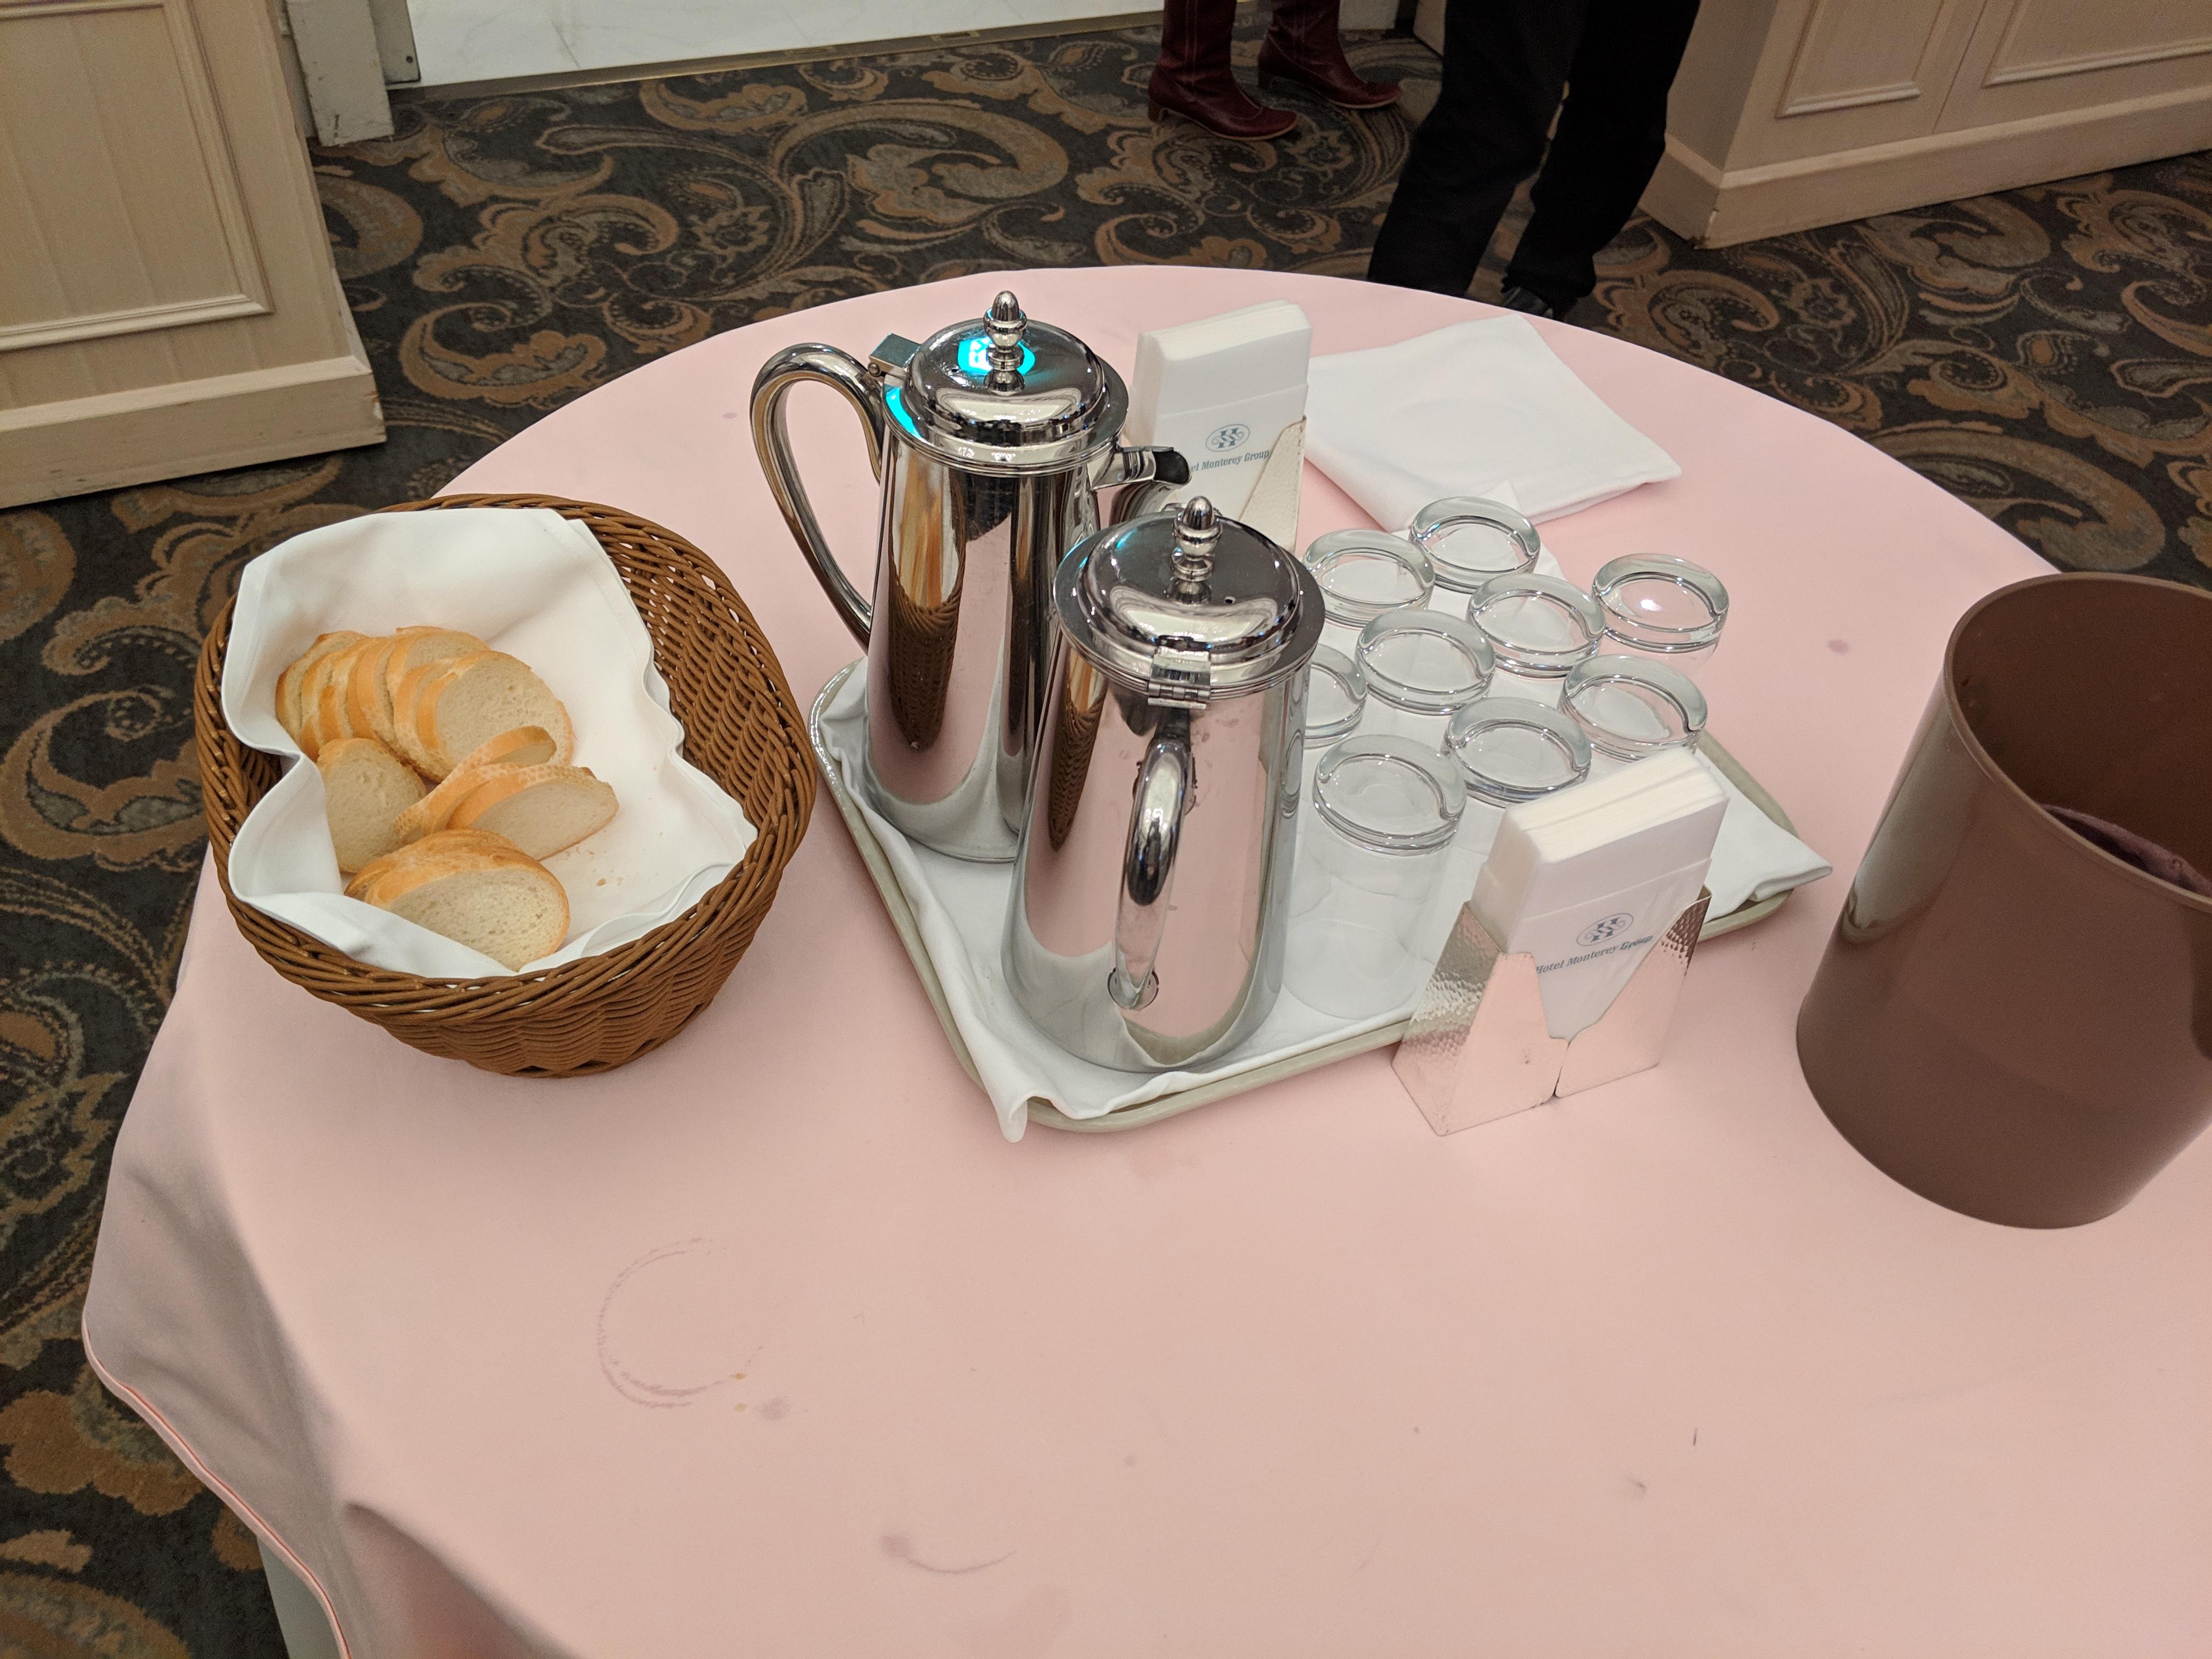 お水とフランスパンが用意された丸テーブル。